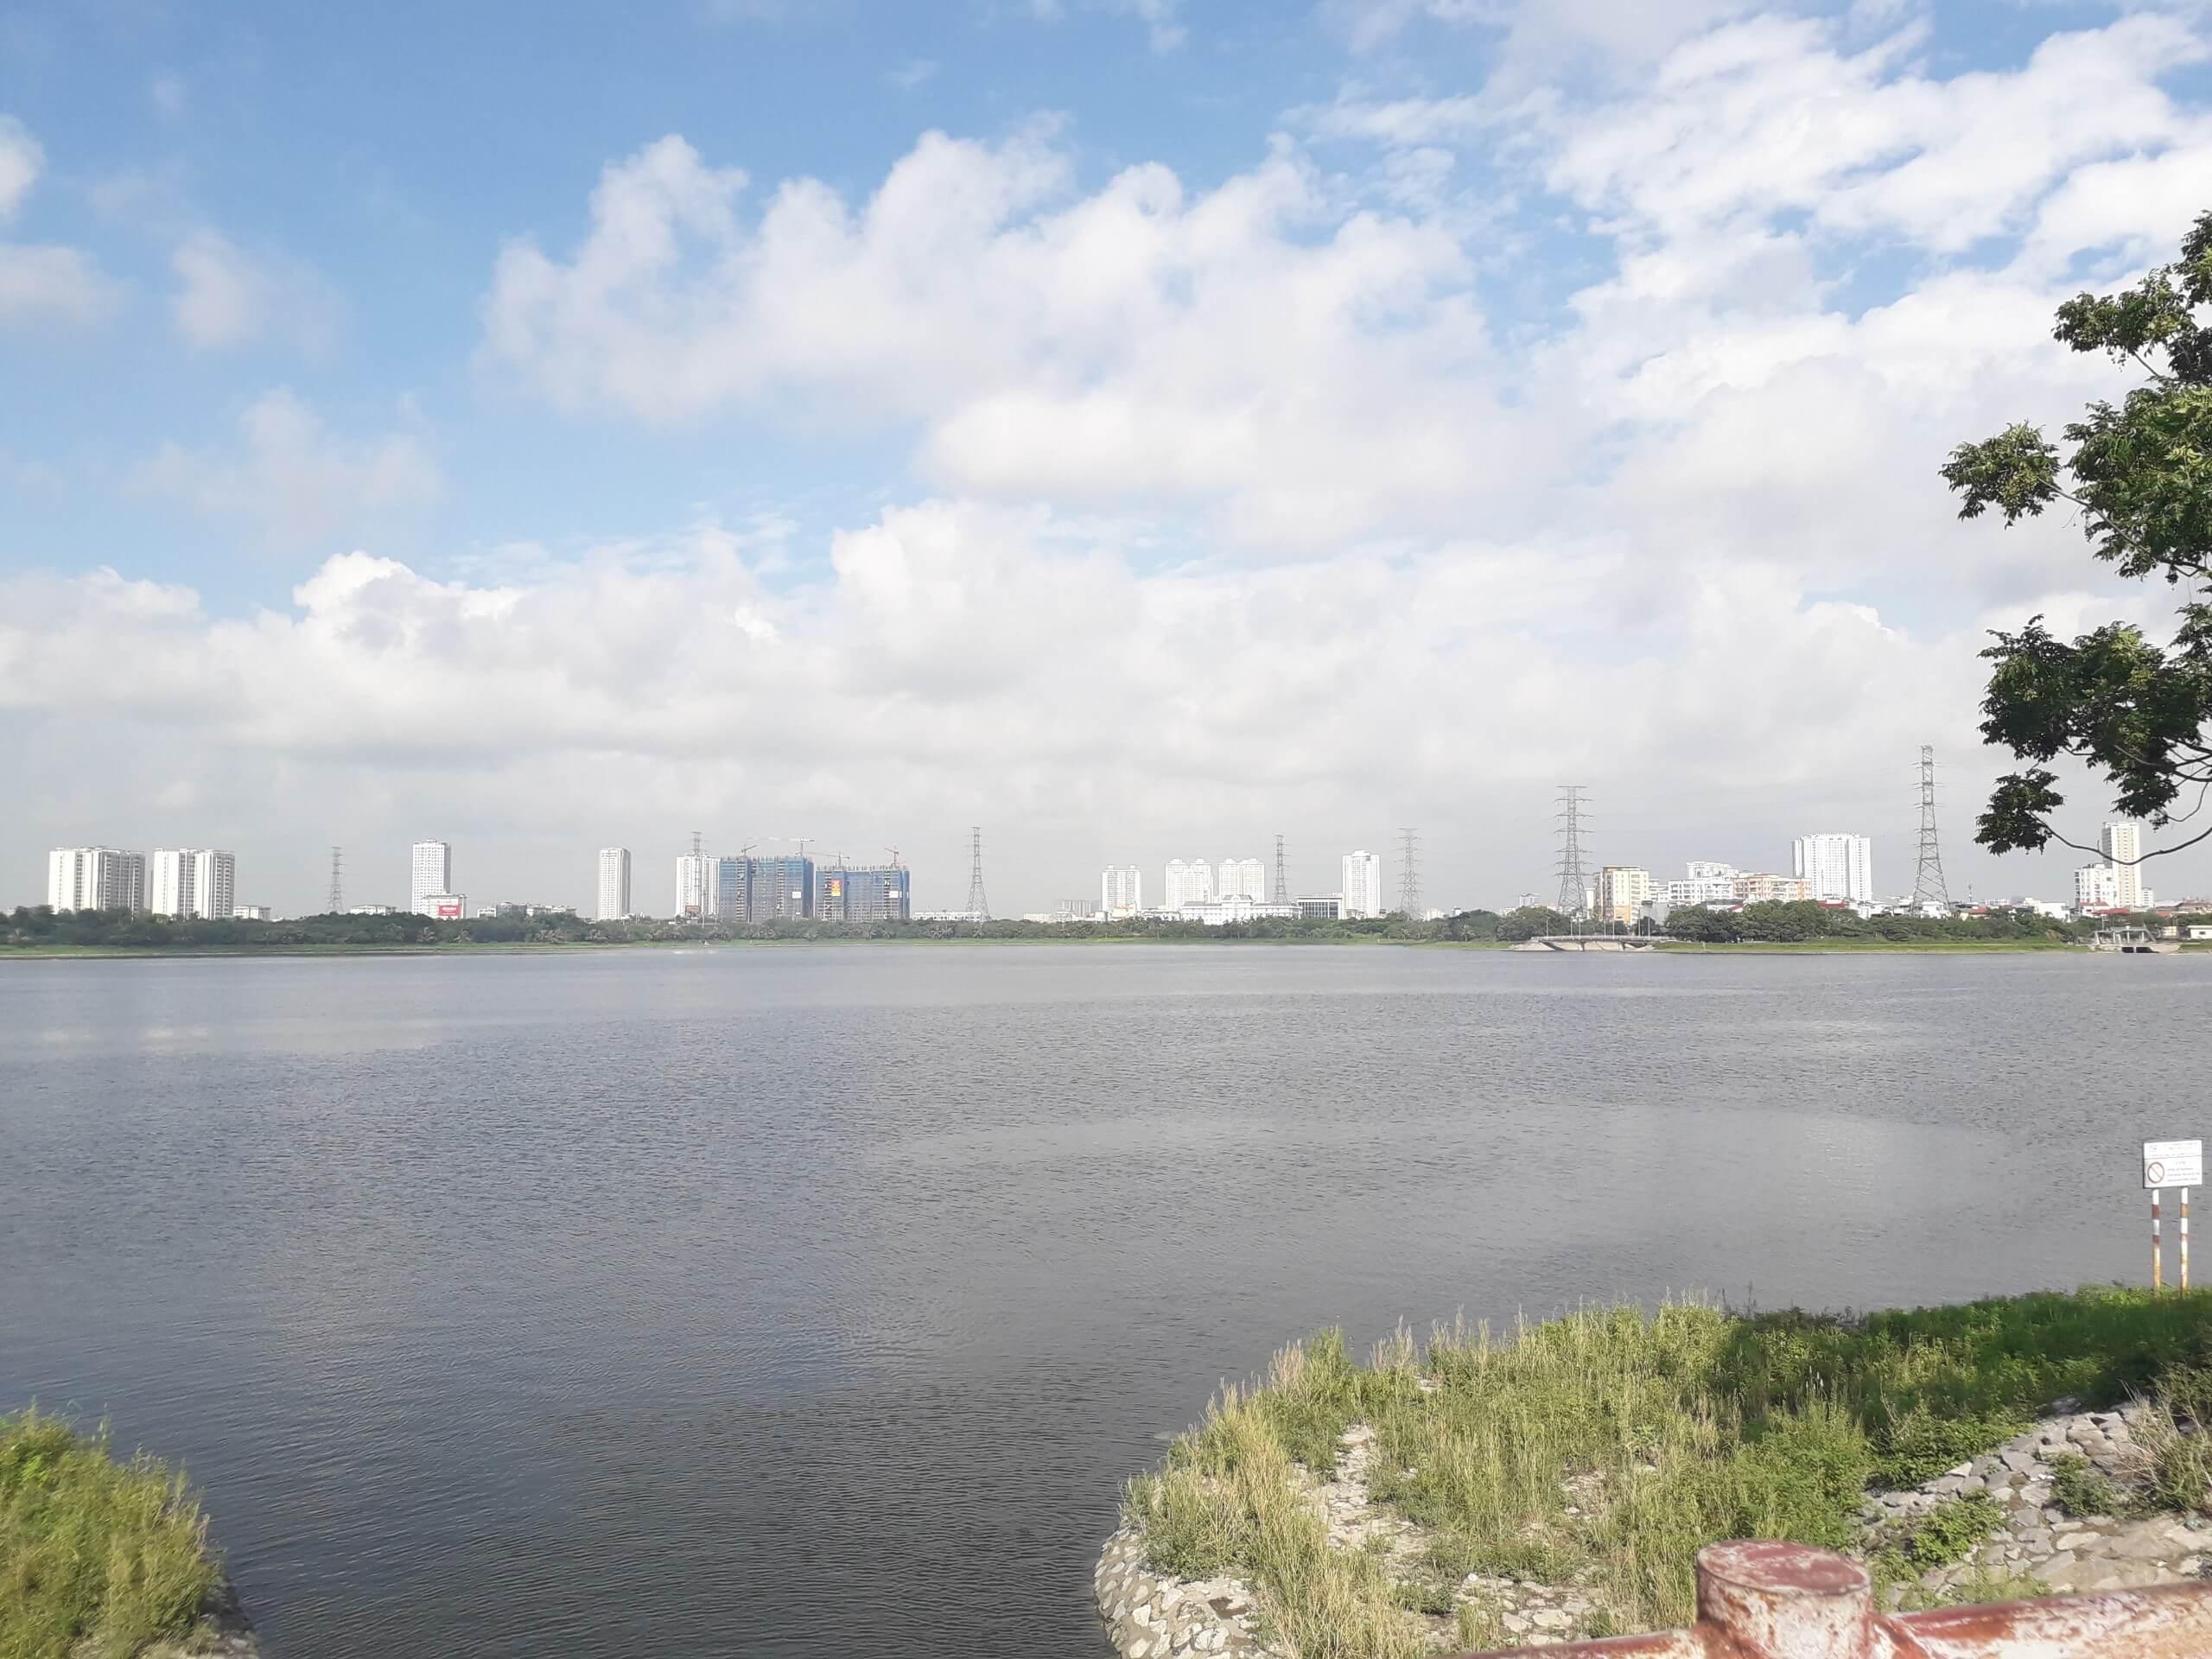 Hồ Yên Sở cực kỳ rộng và đẹp.